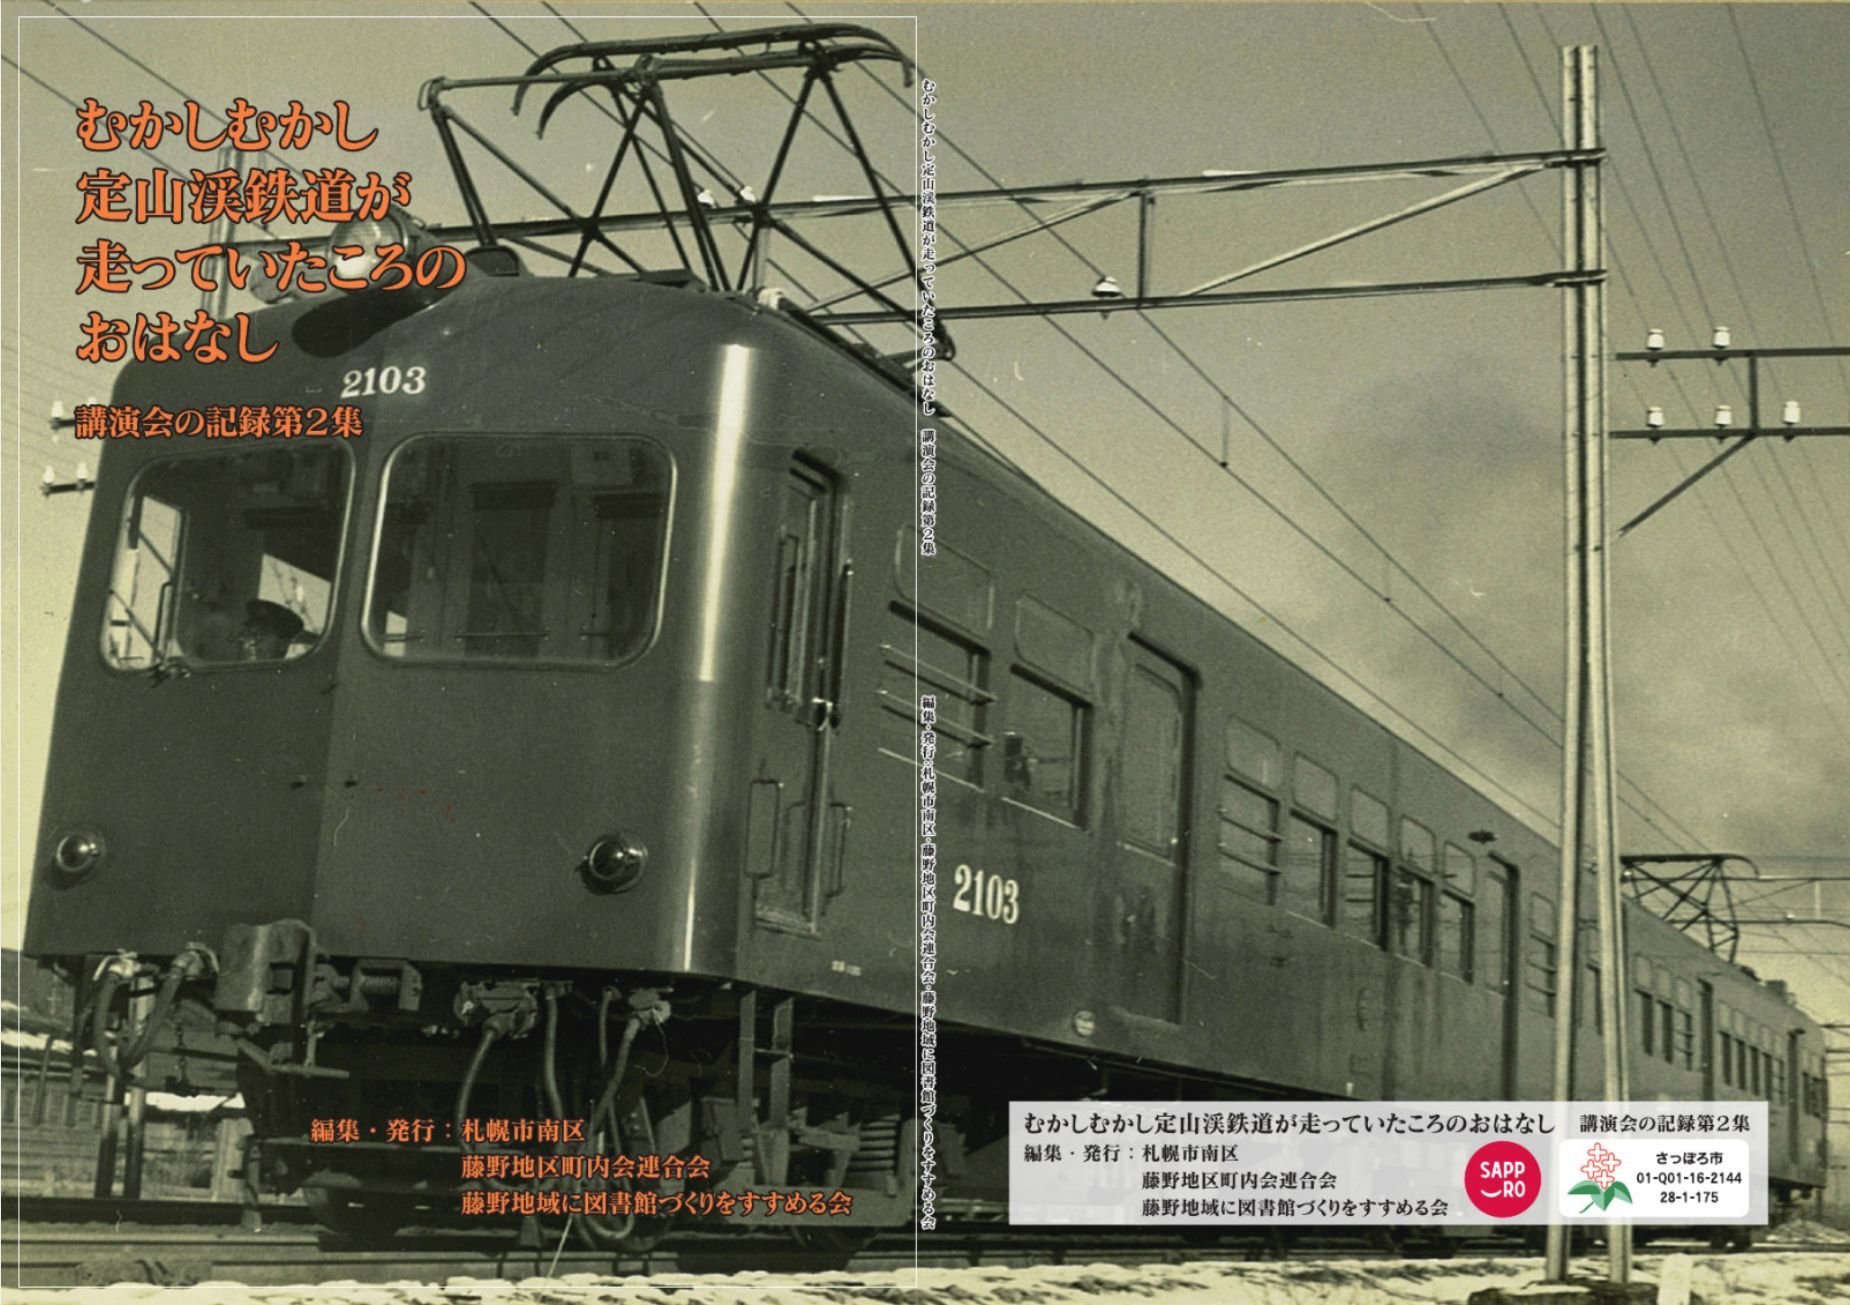 むかしむかし、札幌には定山渓鉄道が走っていた_c0025115_22131653.jpg